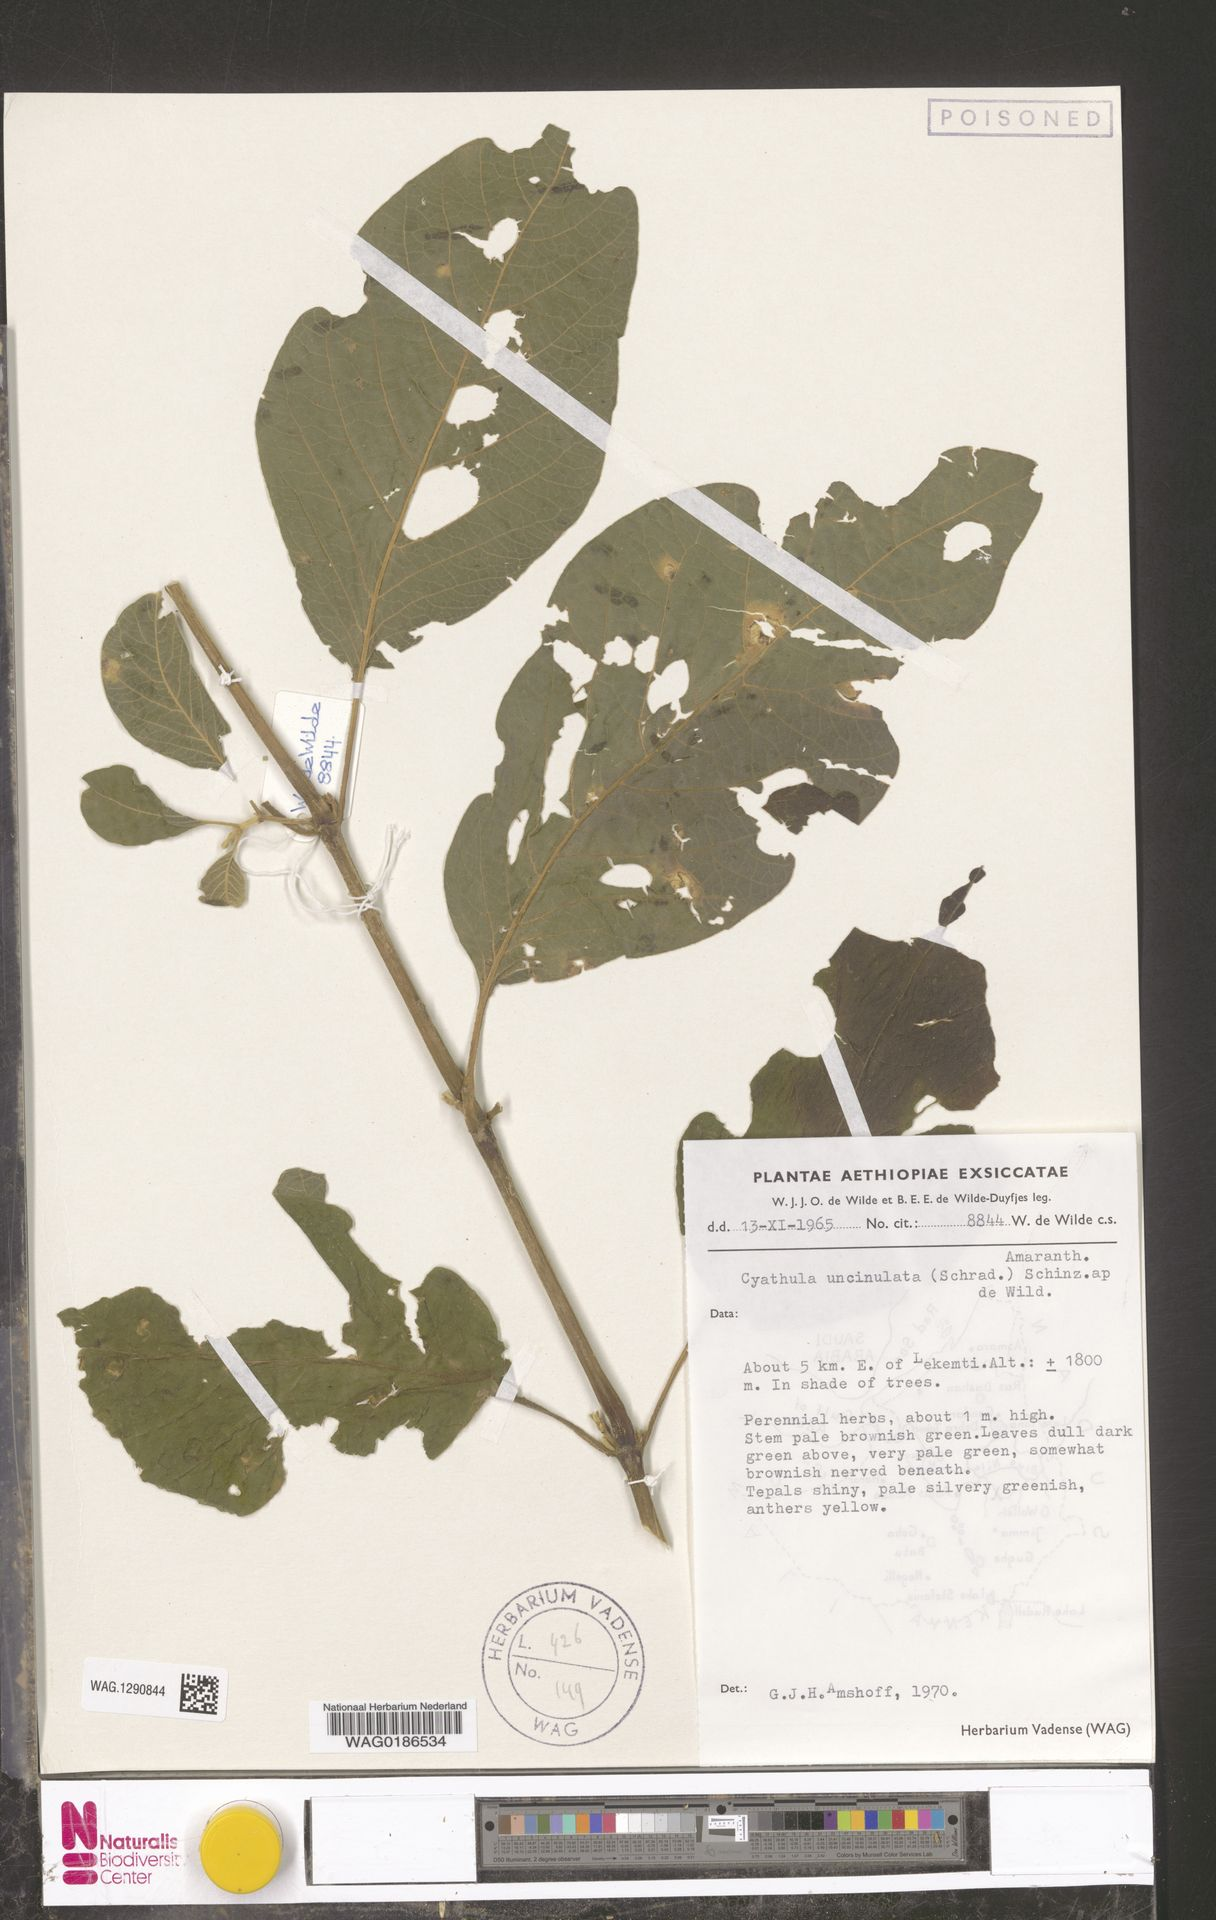 WAG.1290844 | Cyathula uncinulata (Schrad.) Schinz